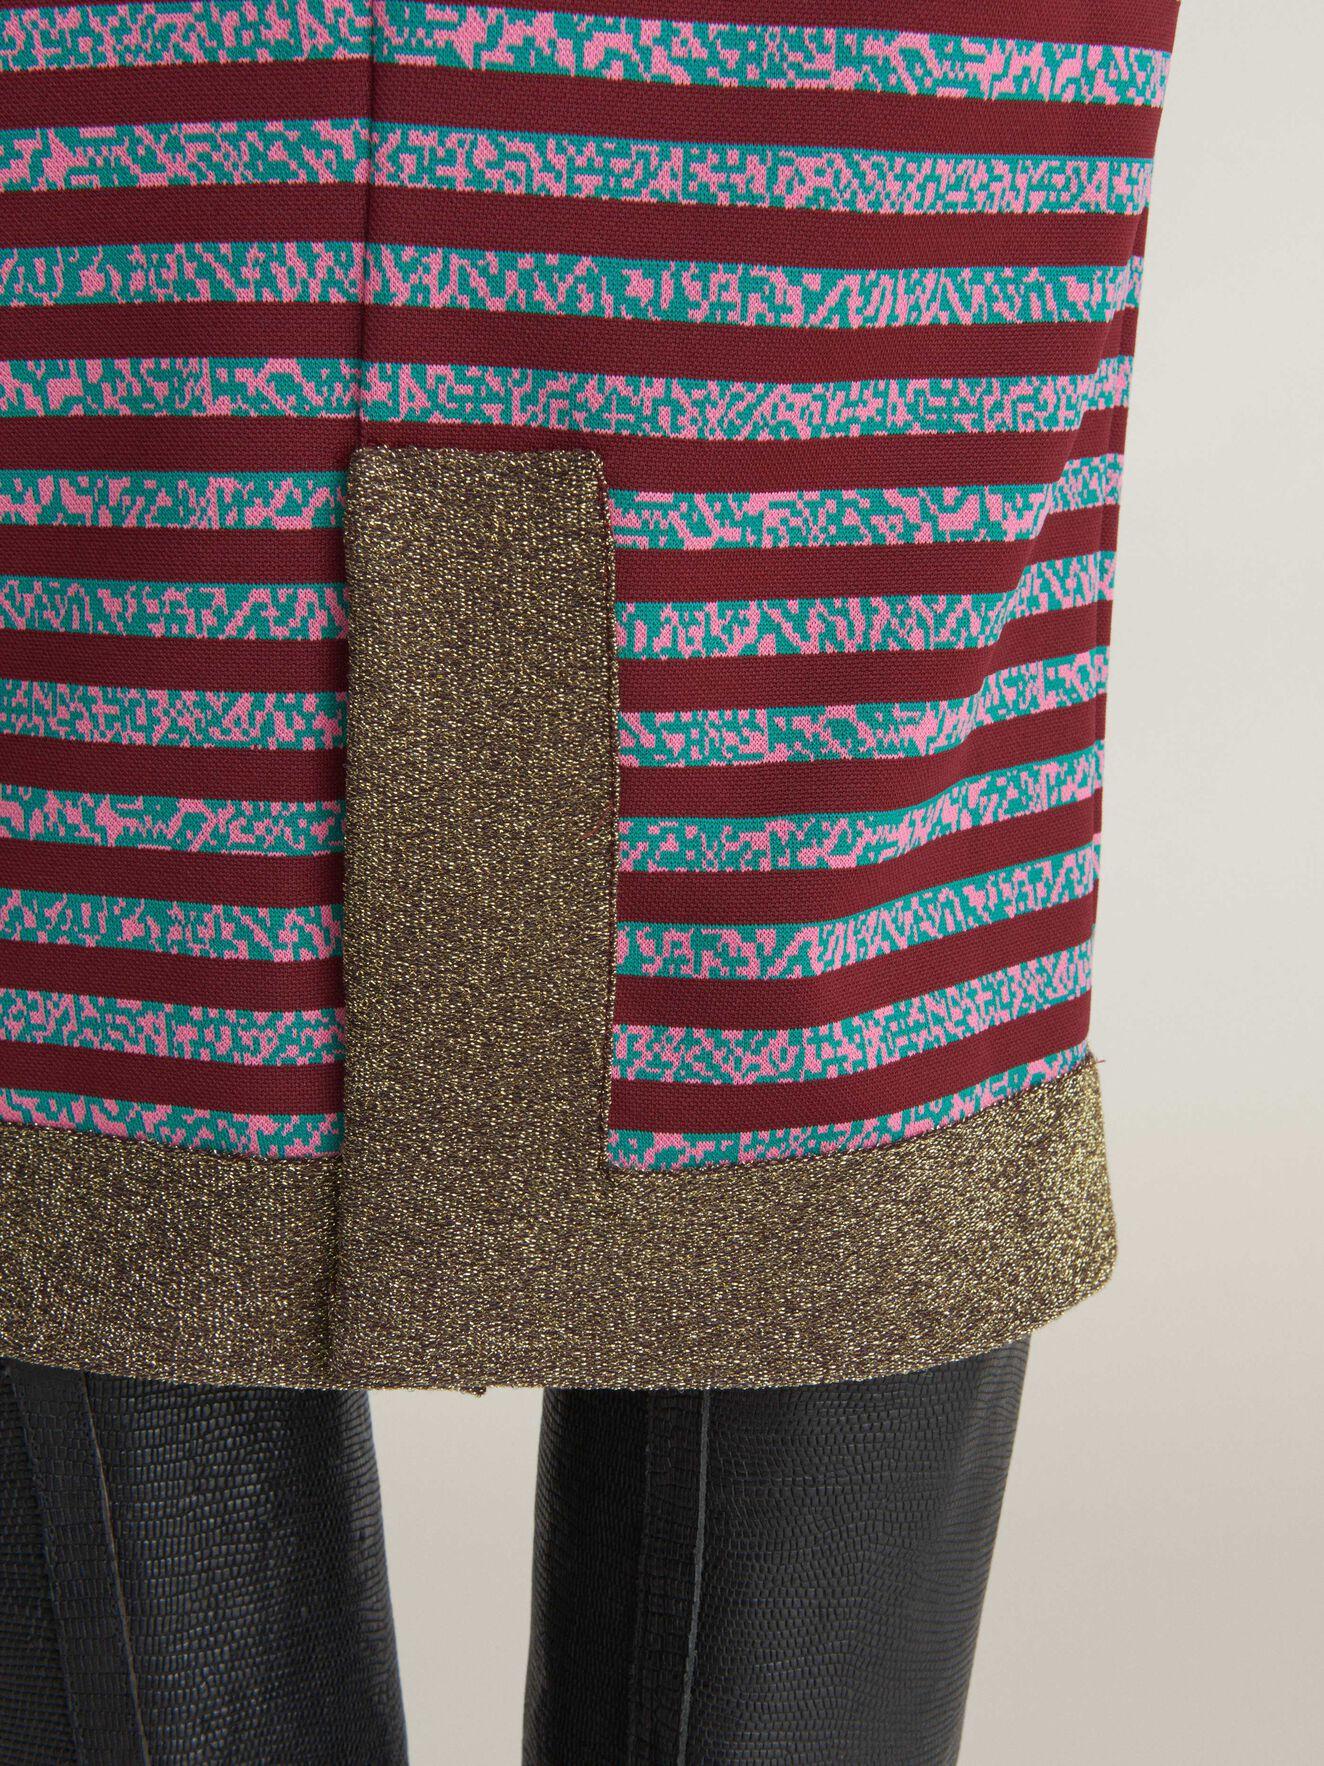 Jace Skirt in ARTWORK from Tiger of Sweden